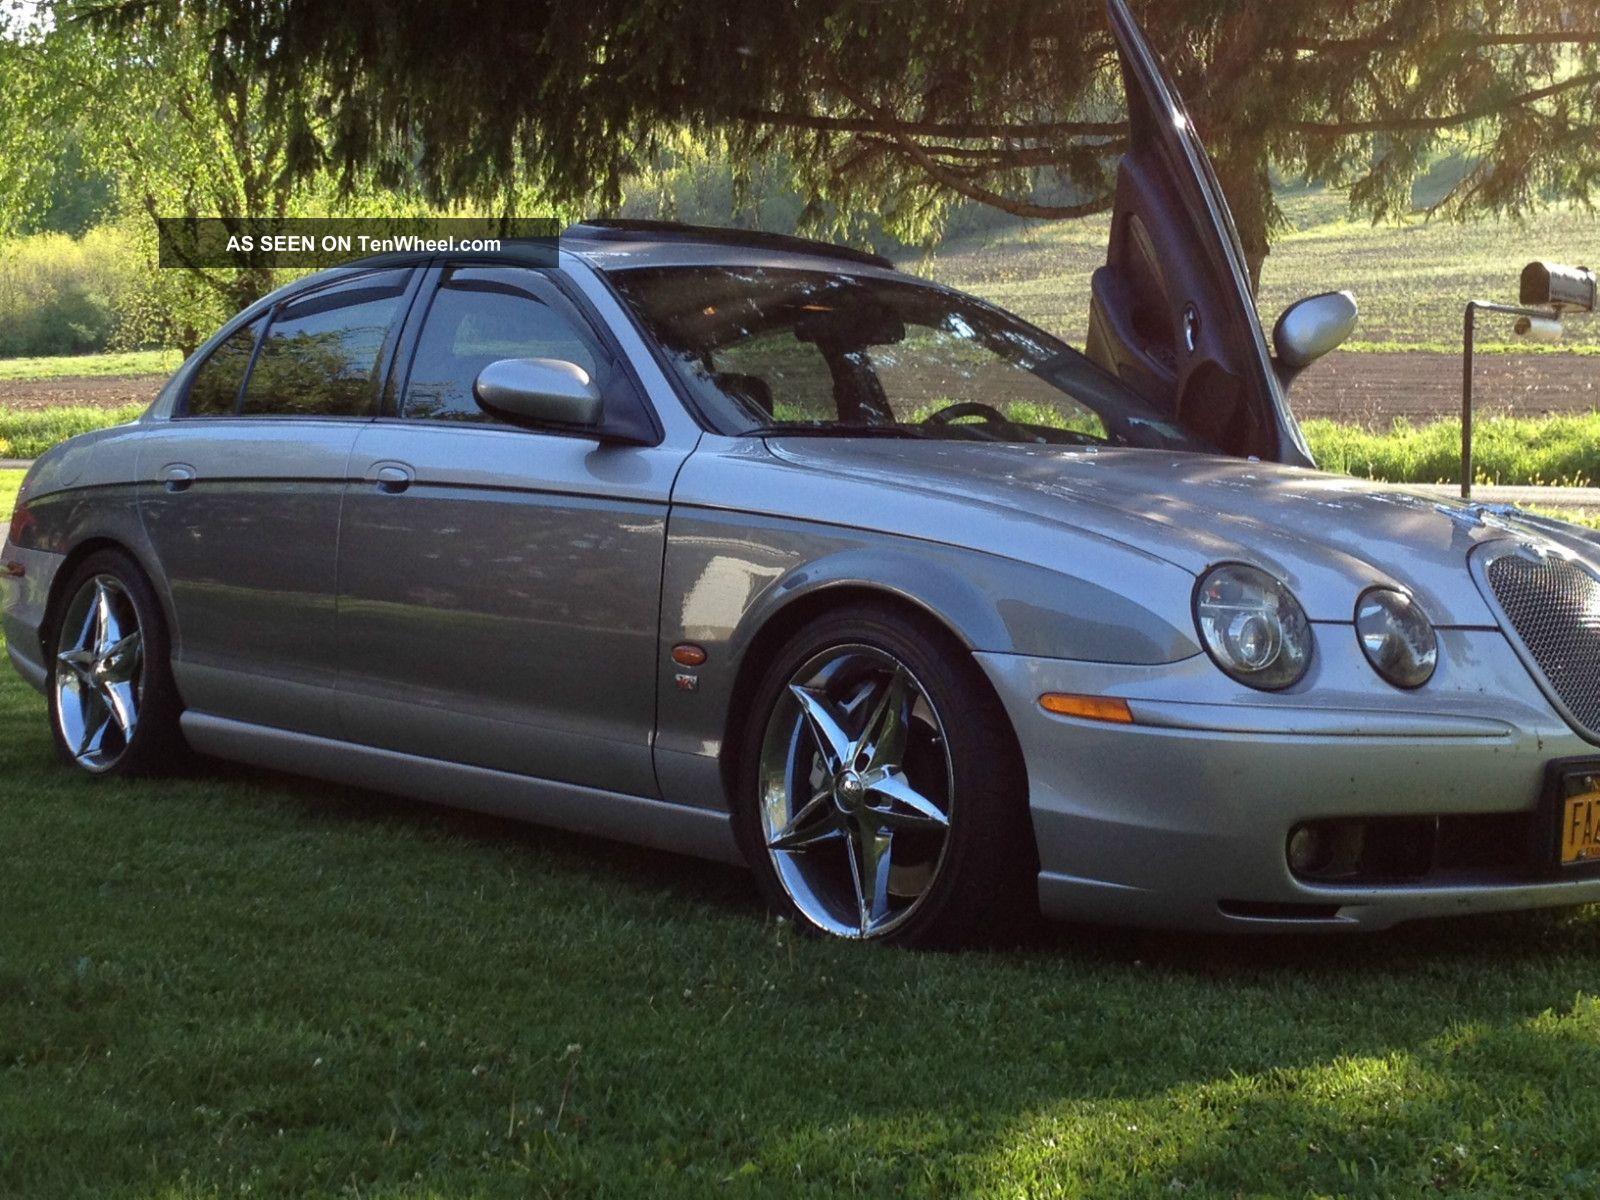 8 Best 2000 Jaguar S Type 3 0 1 Owner 65k Miles Ideas Jaguar S Type Jaguar Gorgeous Leather